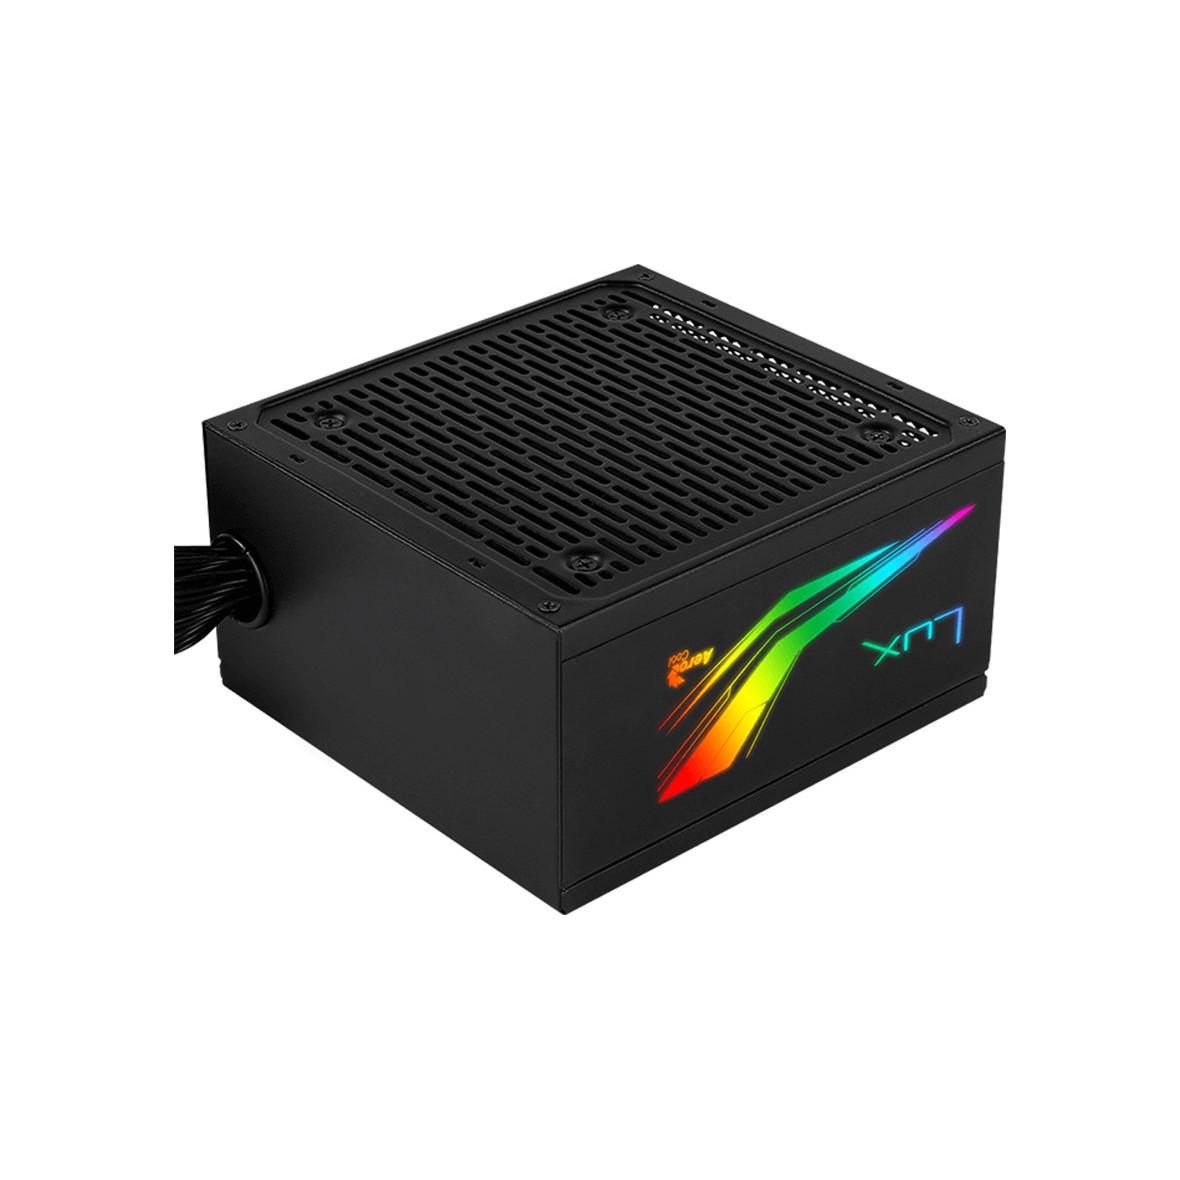 Nguồn máy tính Aerocool LUX RGB 550W - 550W - 80 Plus Bronze- Hàng chính hãng